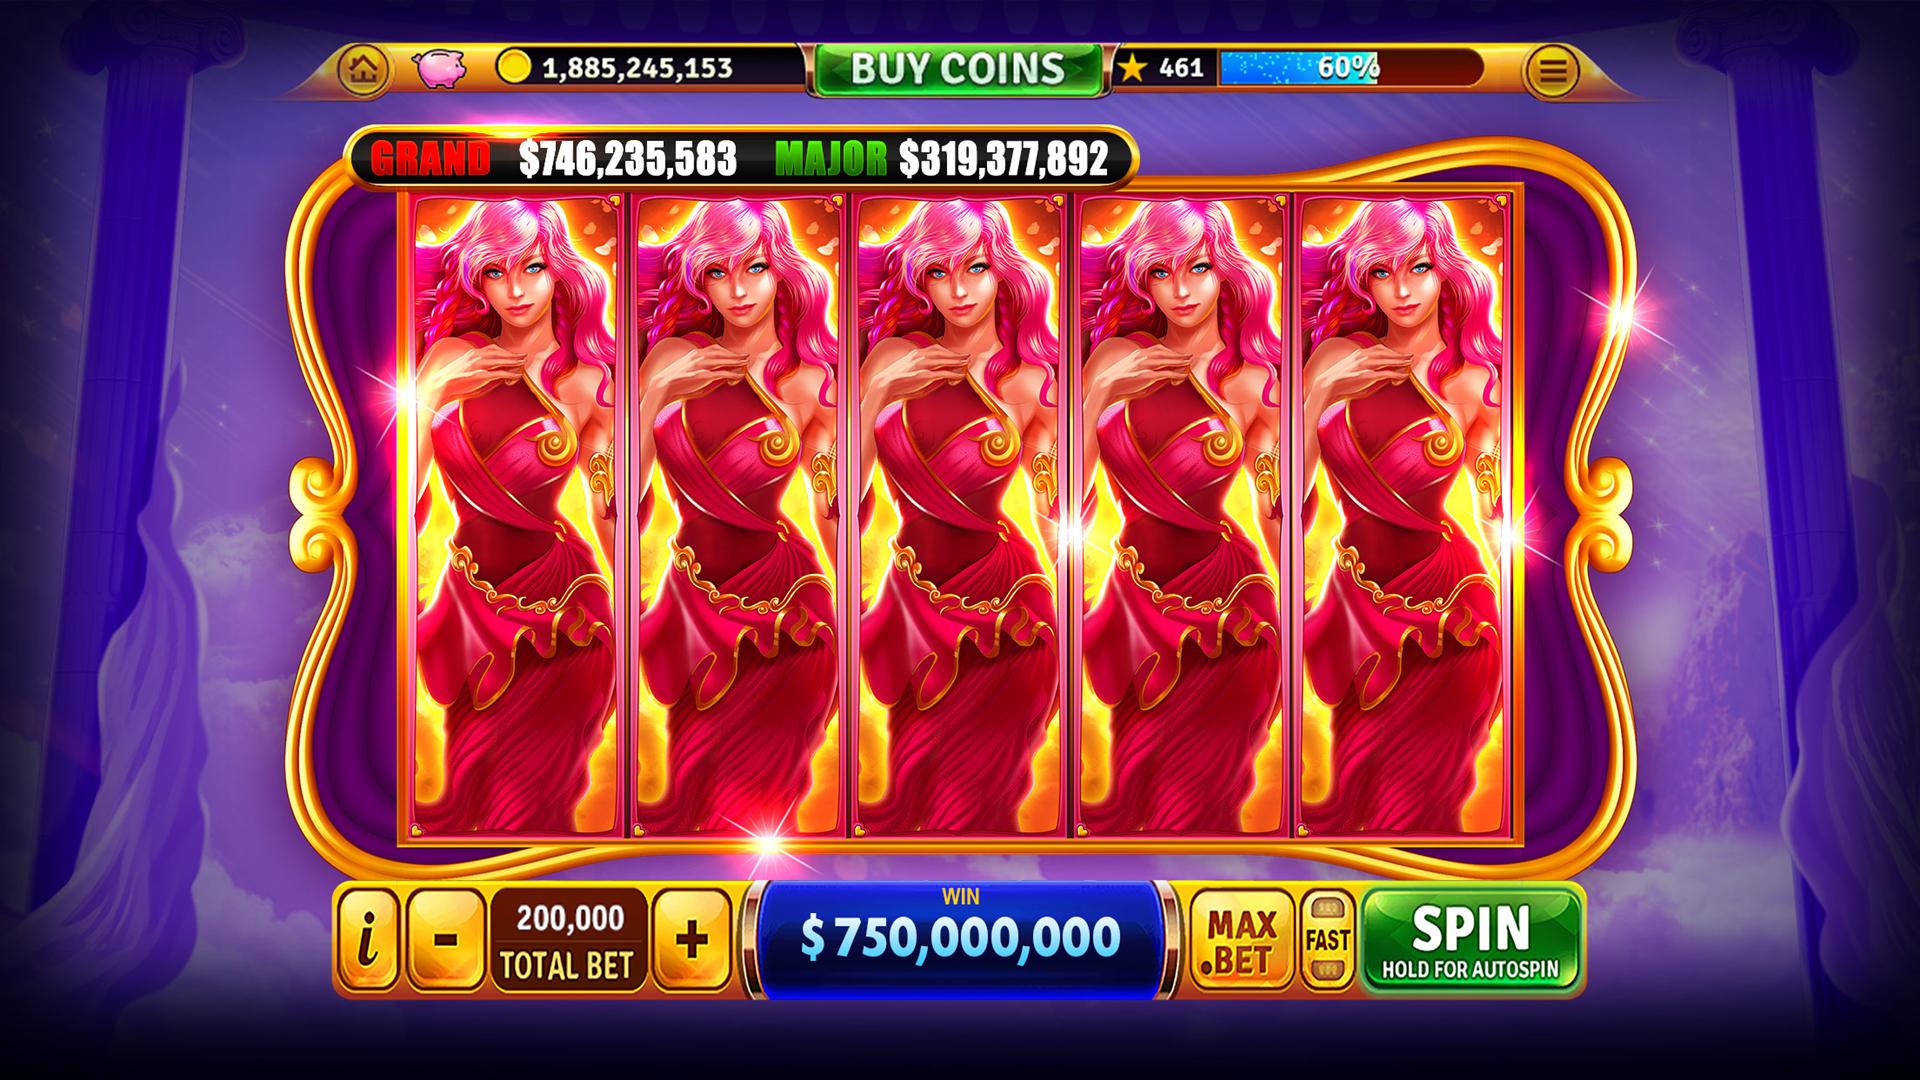 ovo casino auszahlungen